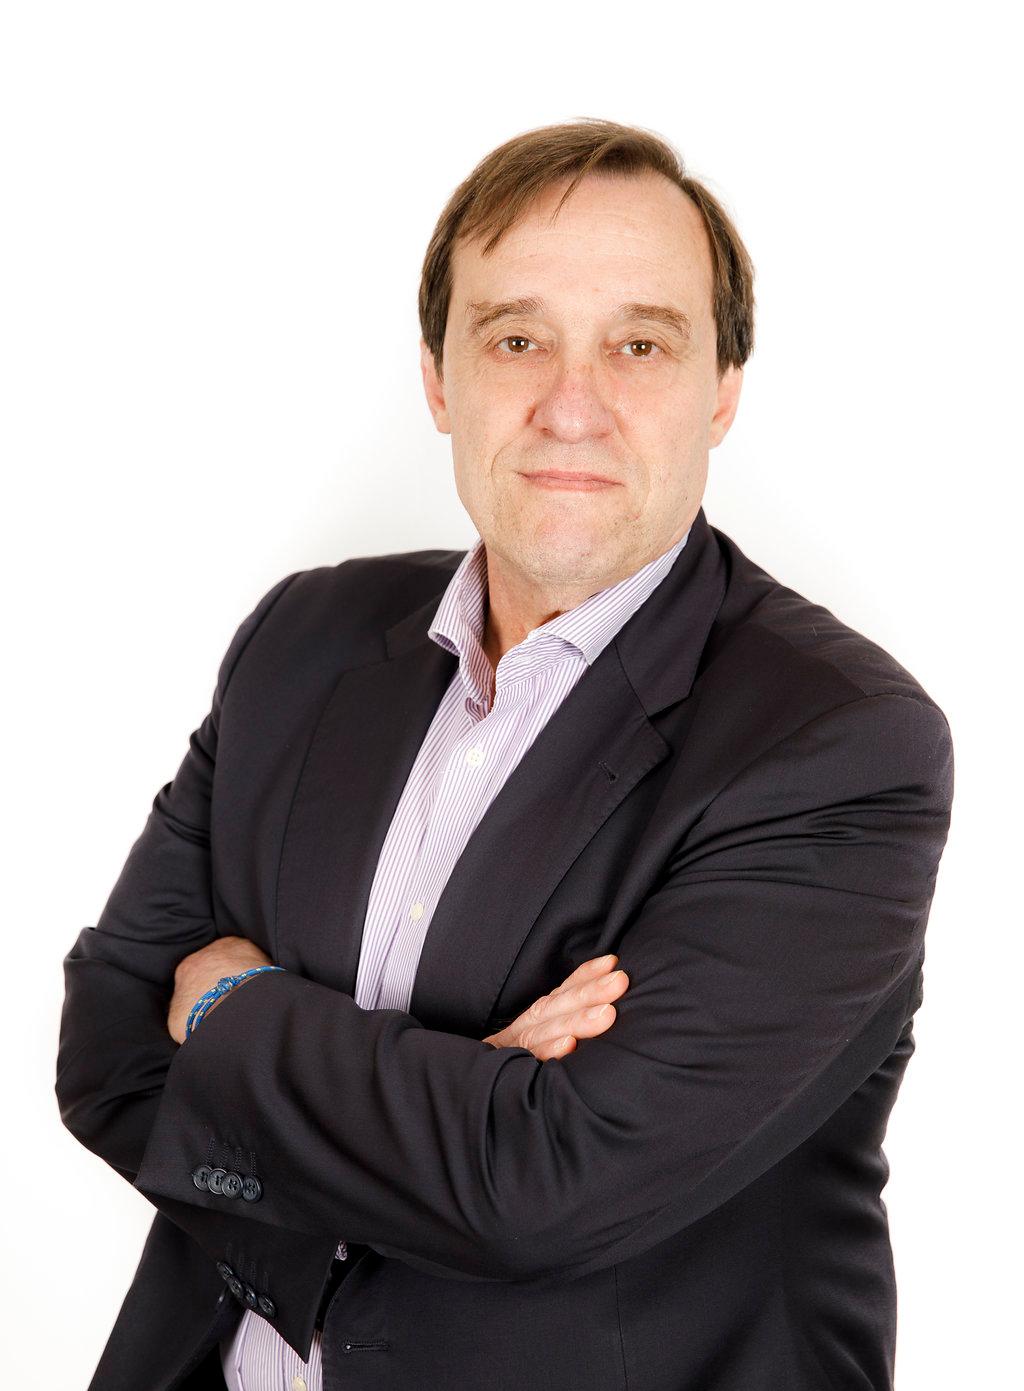 Mario Darder